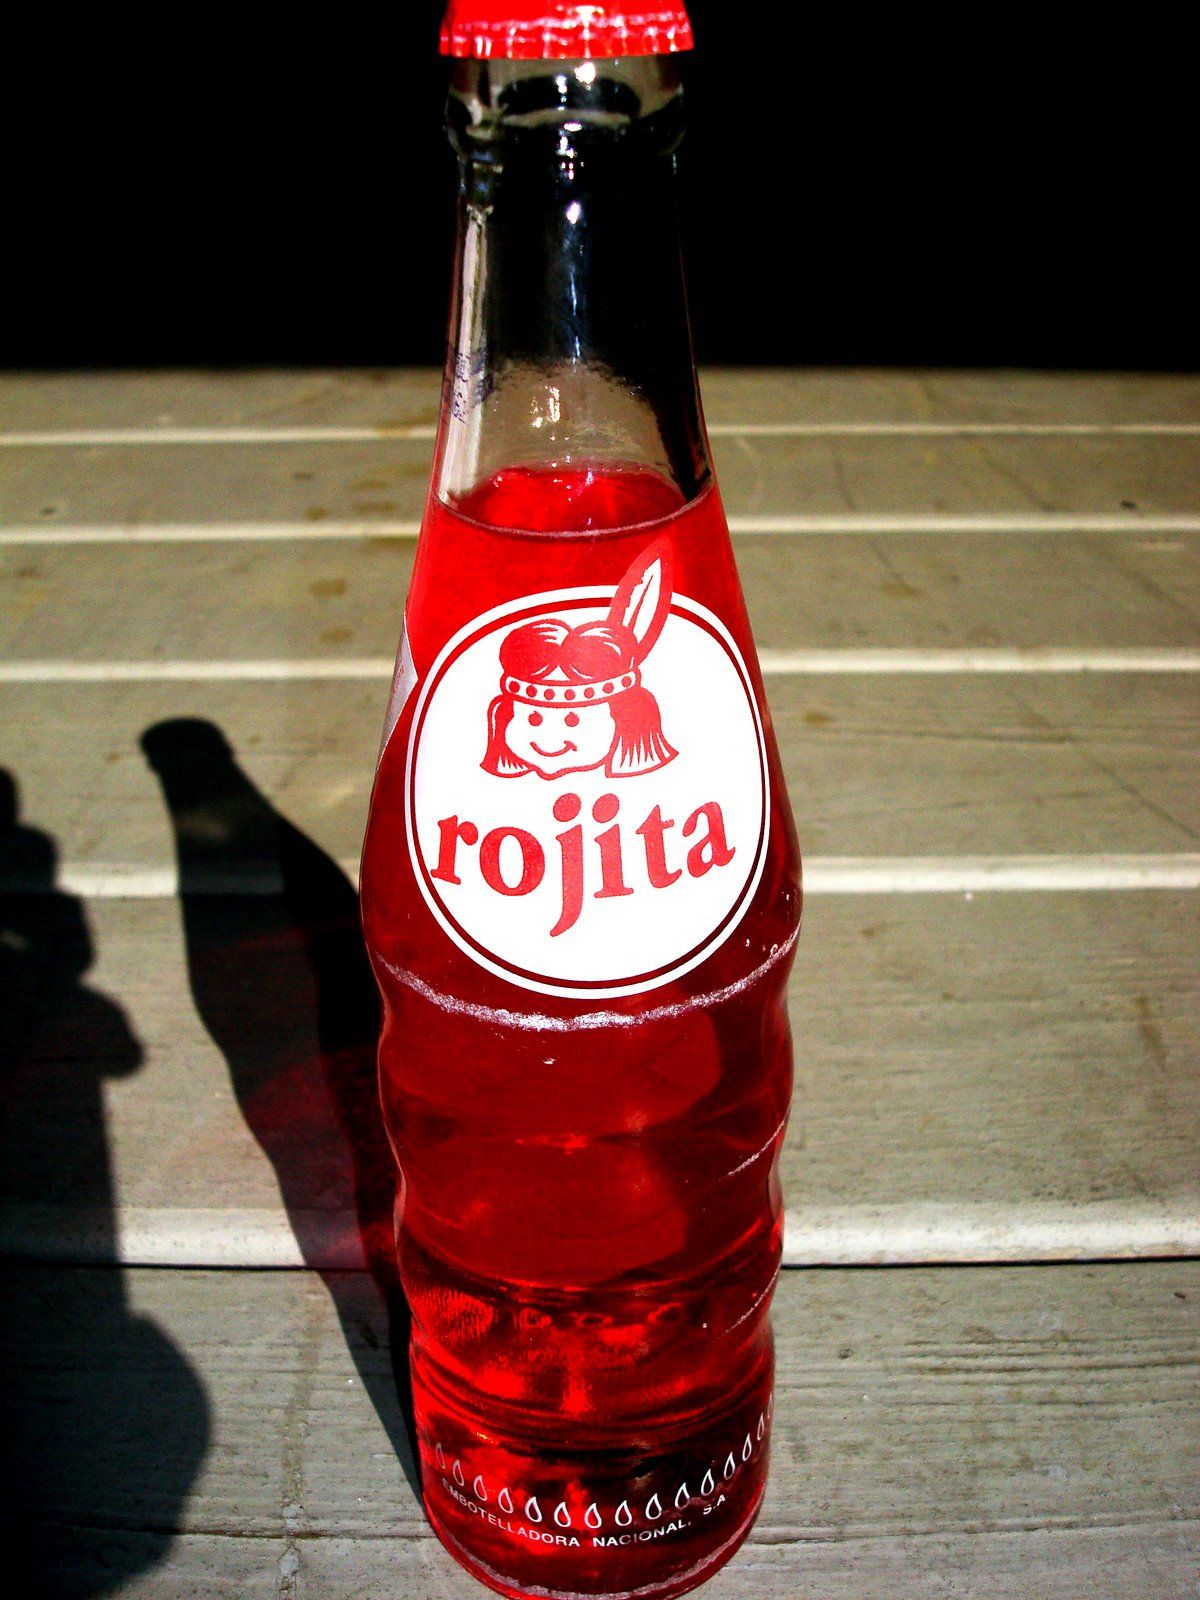 Rojita Red Nectar Of The Nicaraguans Nicaraguan Food Nicaraguan Nicaragua